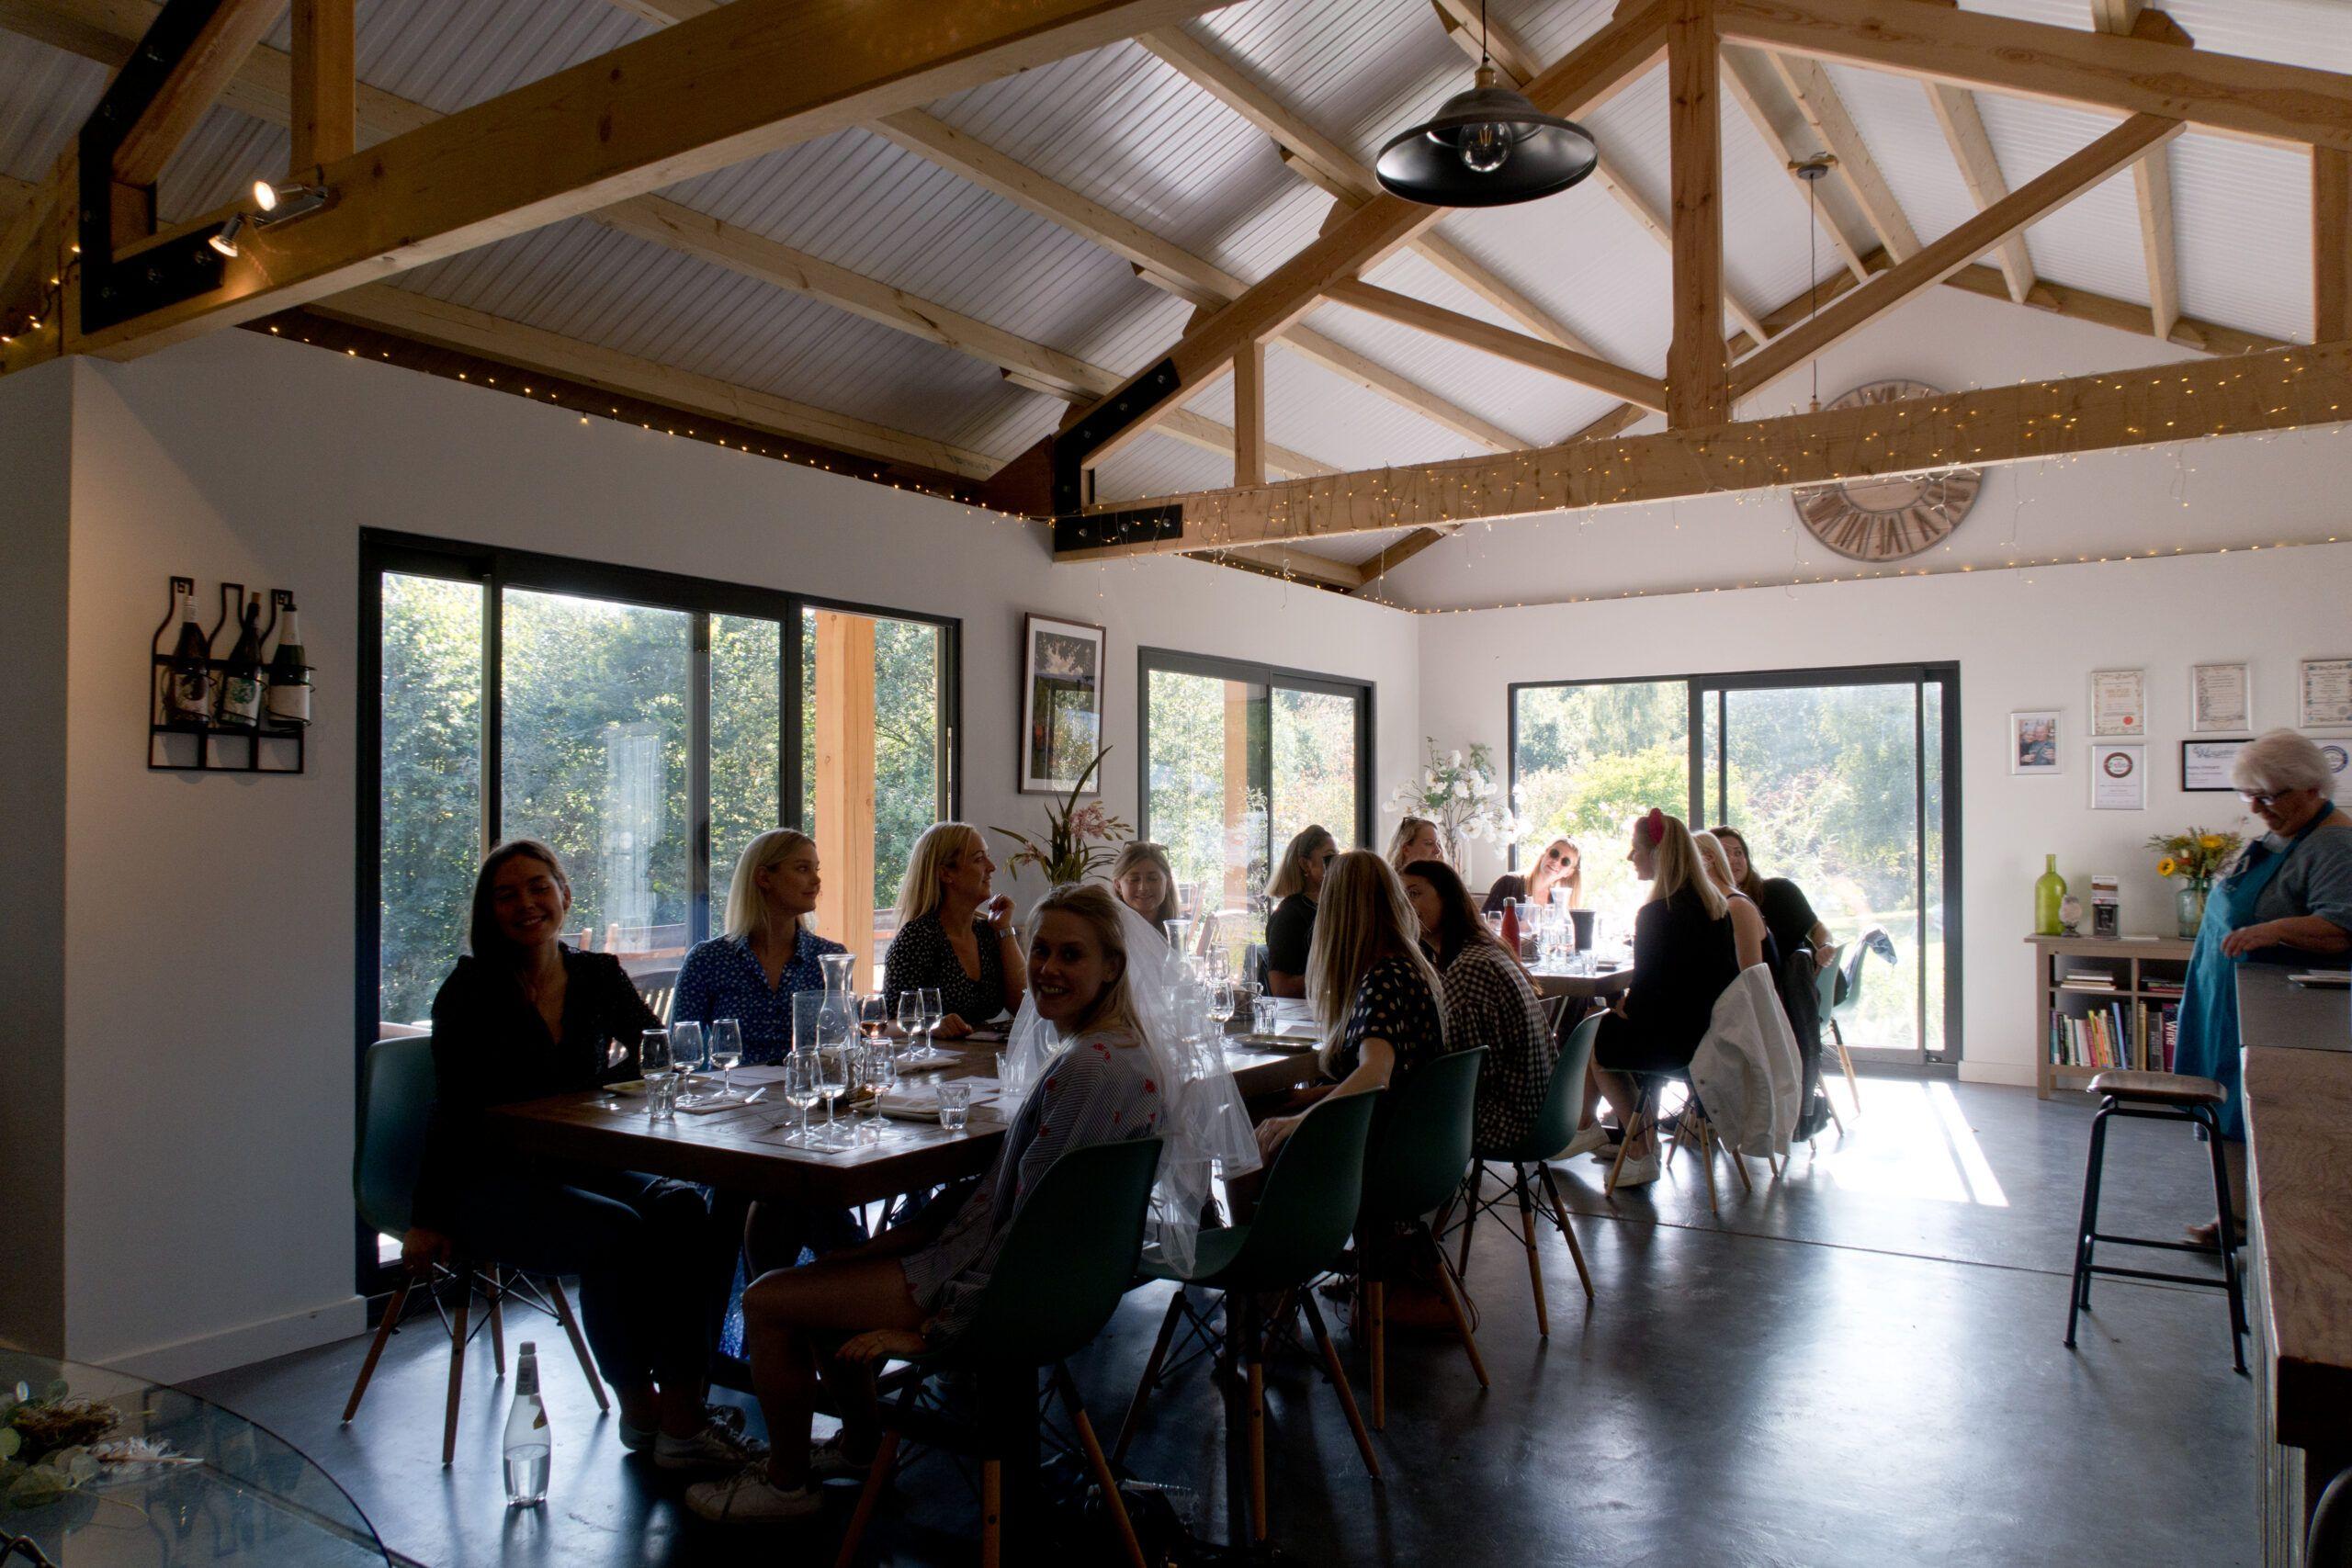 Astley Vineyard - vineyard tour tasting